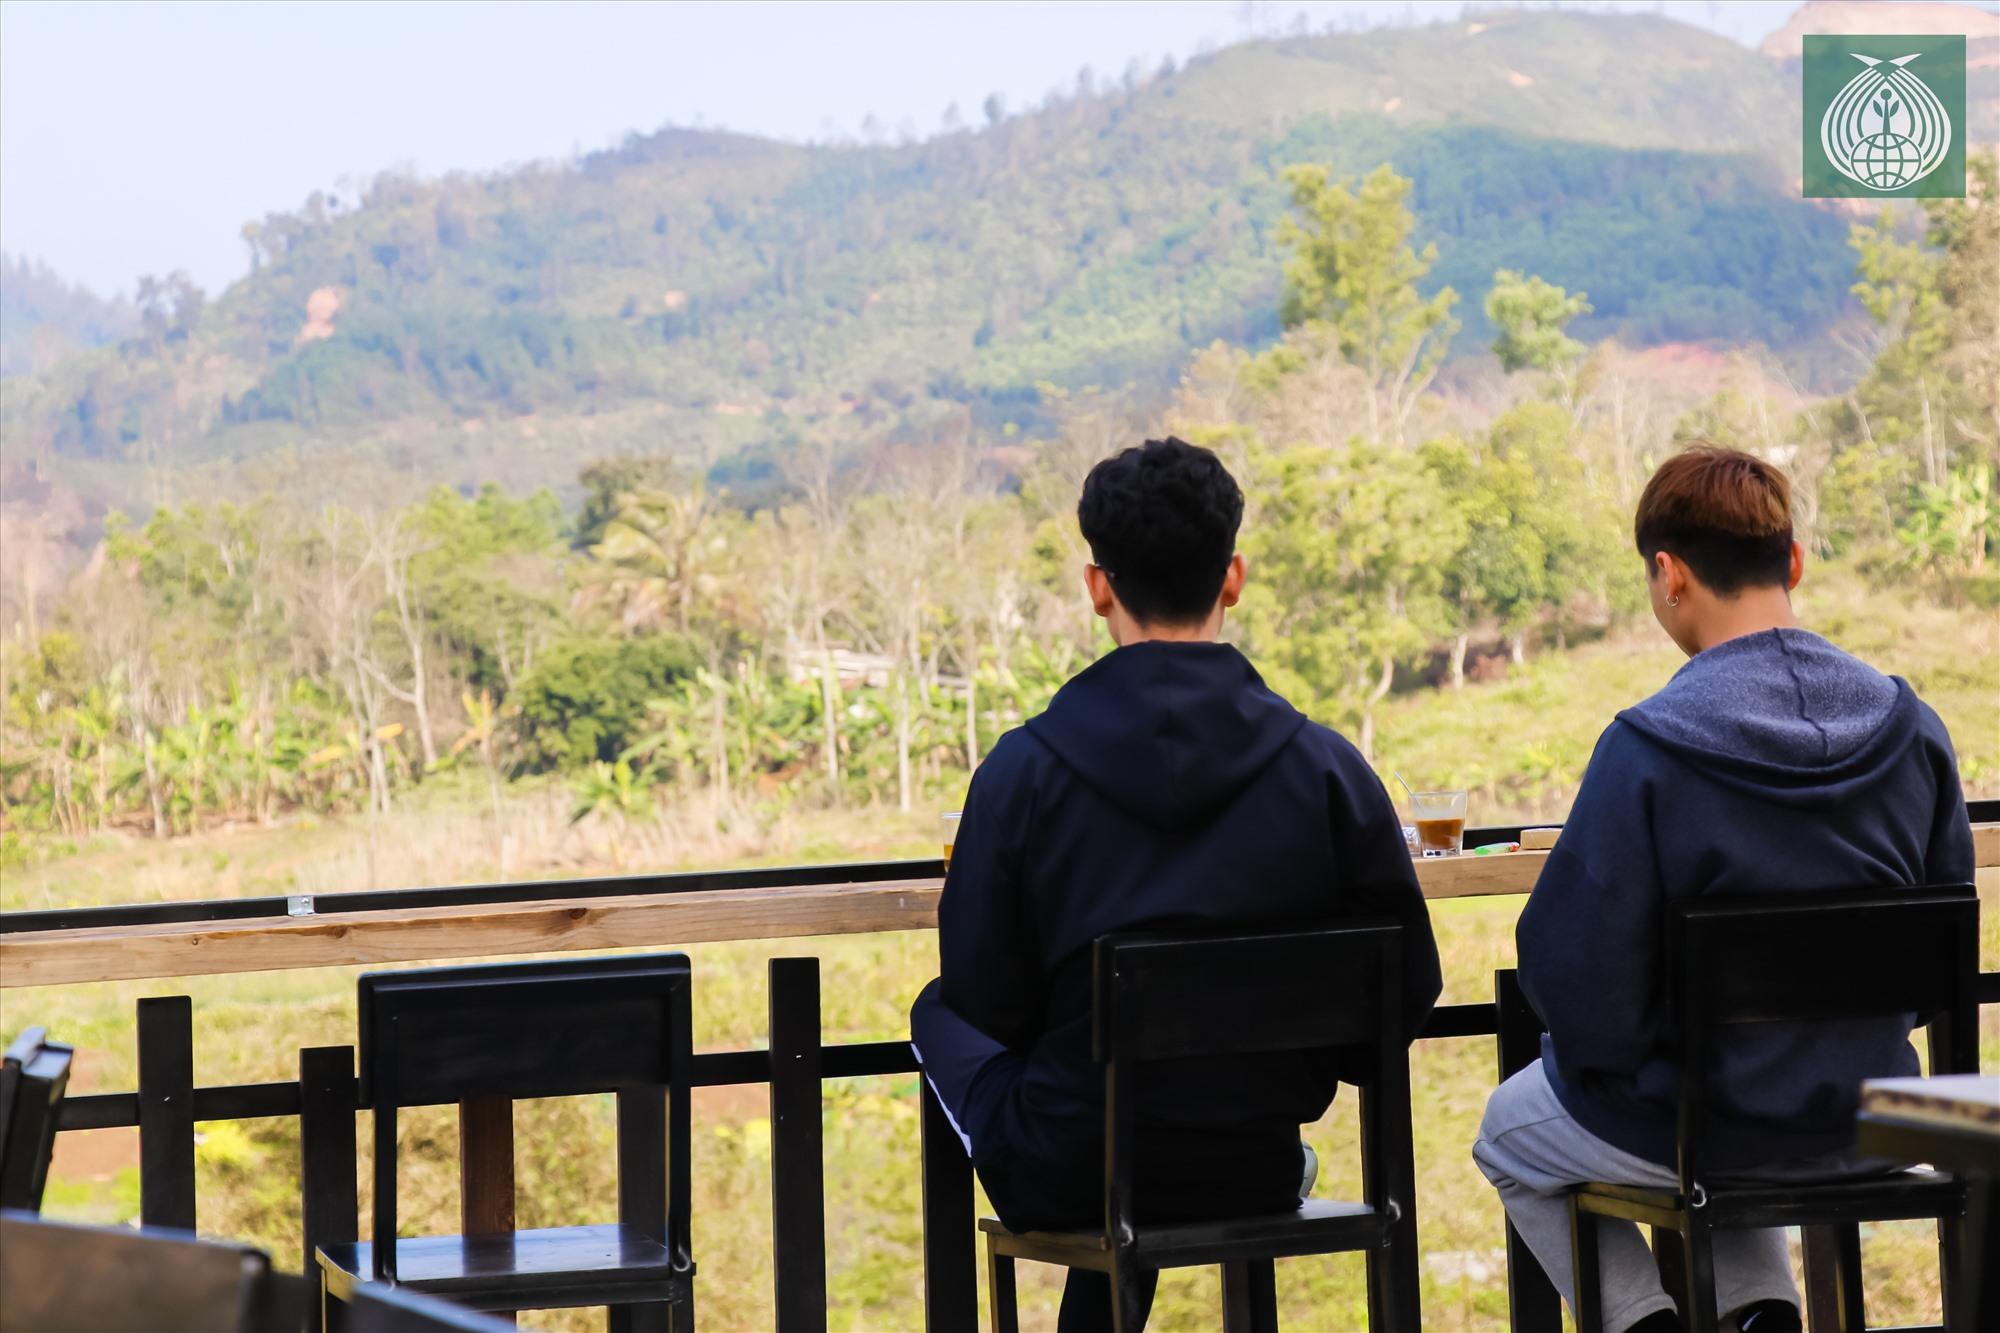 Với khung cảnh đồi núi tự nhiên vốn có ở vùng núi, đây là địa điểm lý tưởng cho người yêu thiên nhiên.